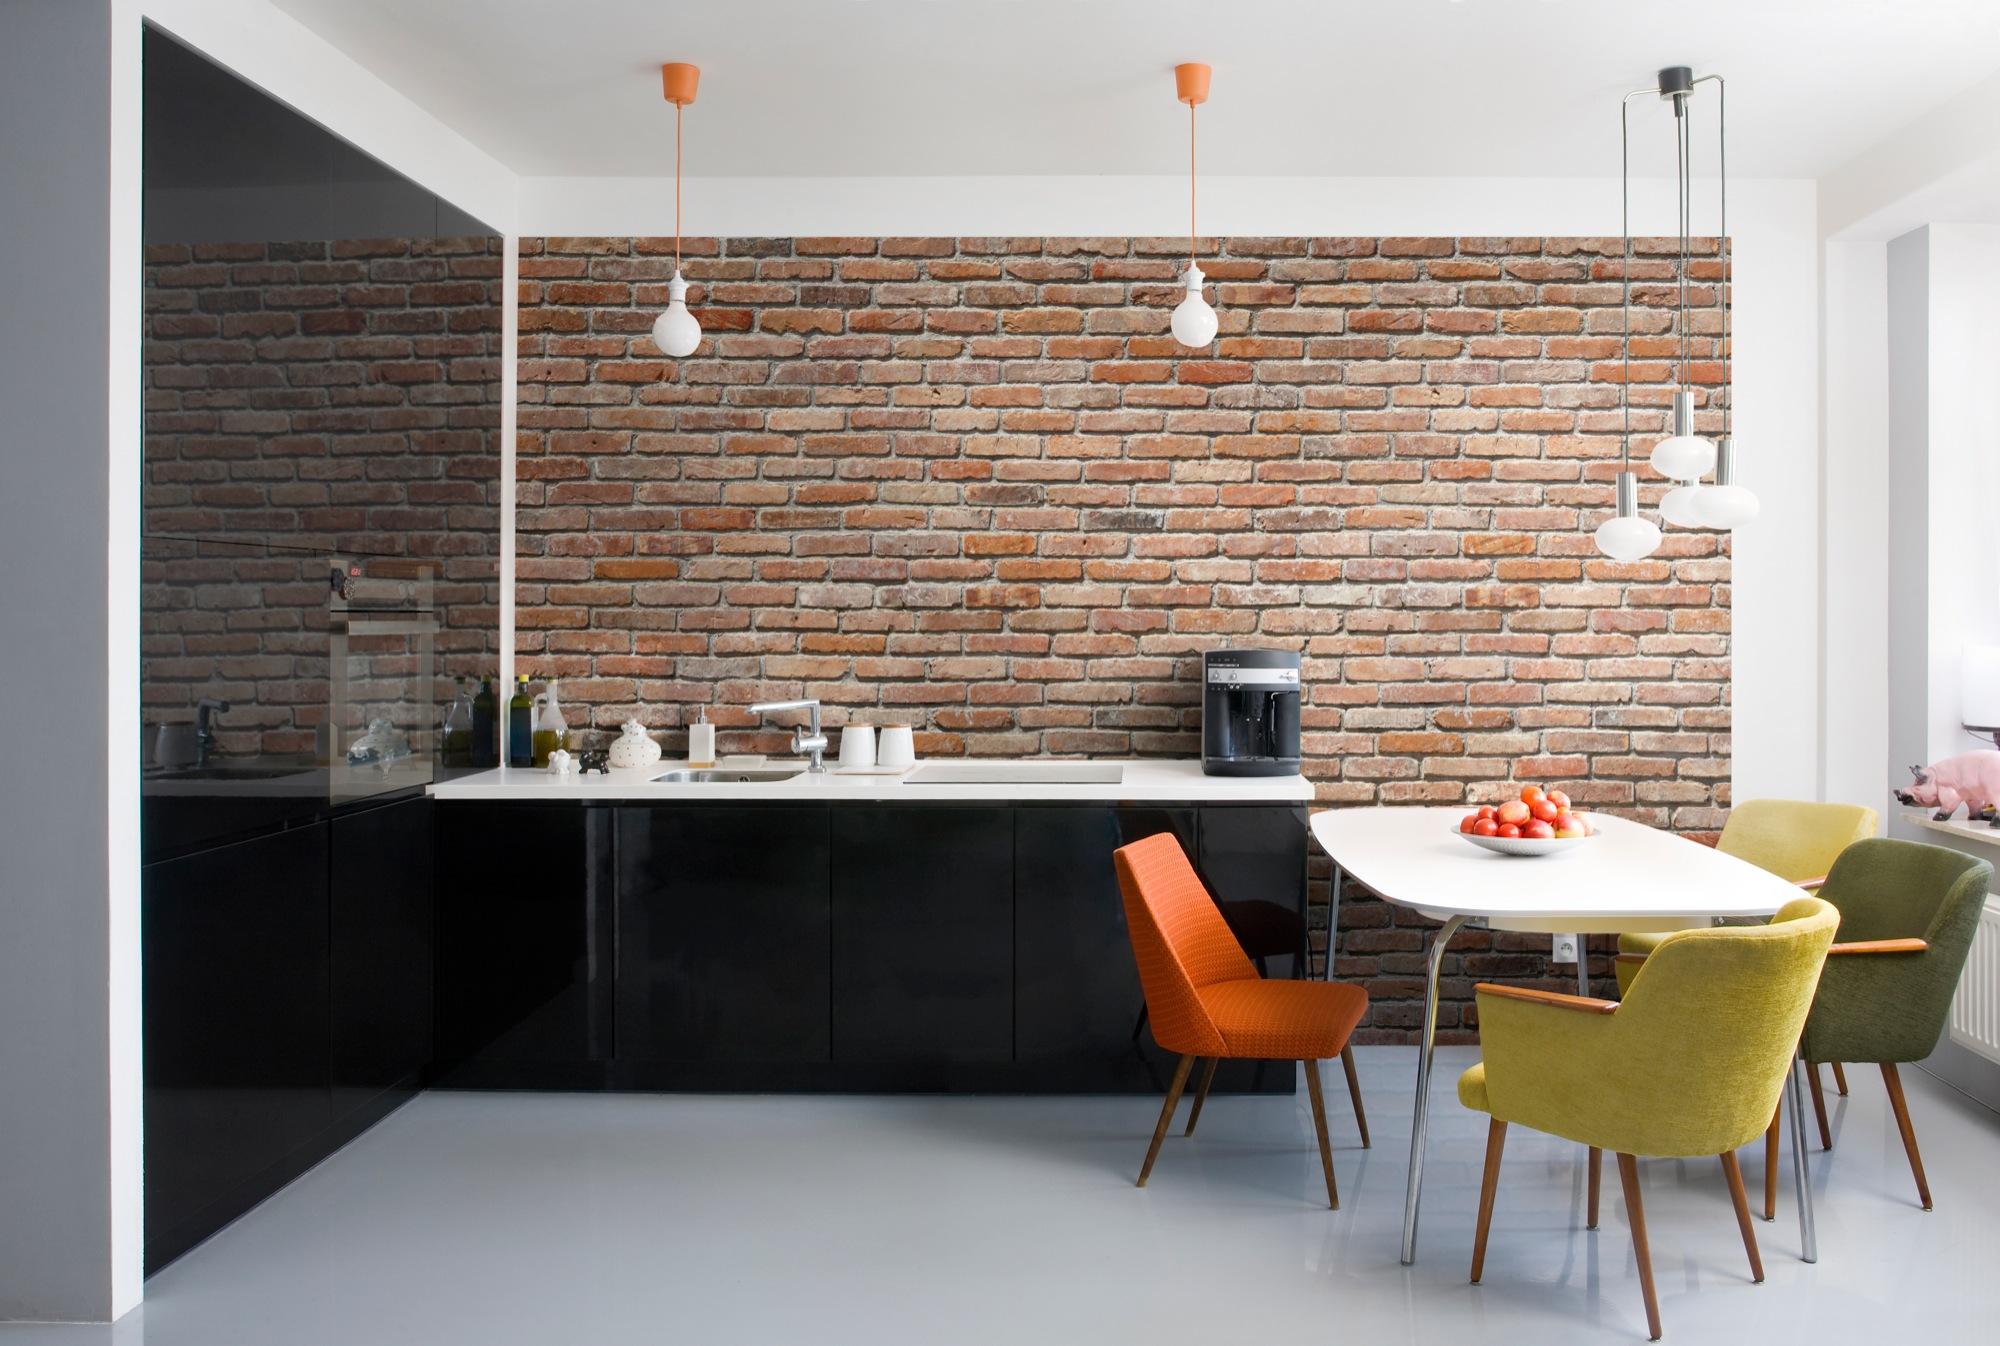 Fototapete küchenmotive  Blog - Fototapeten für Deine Küche